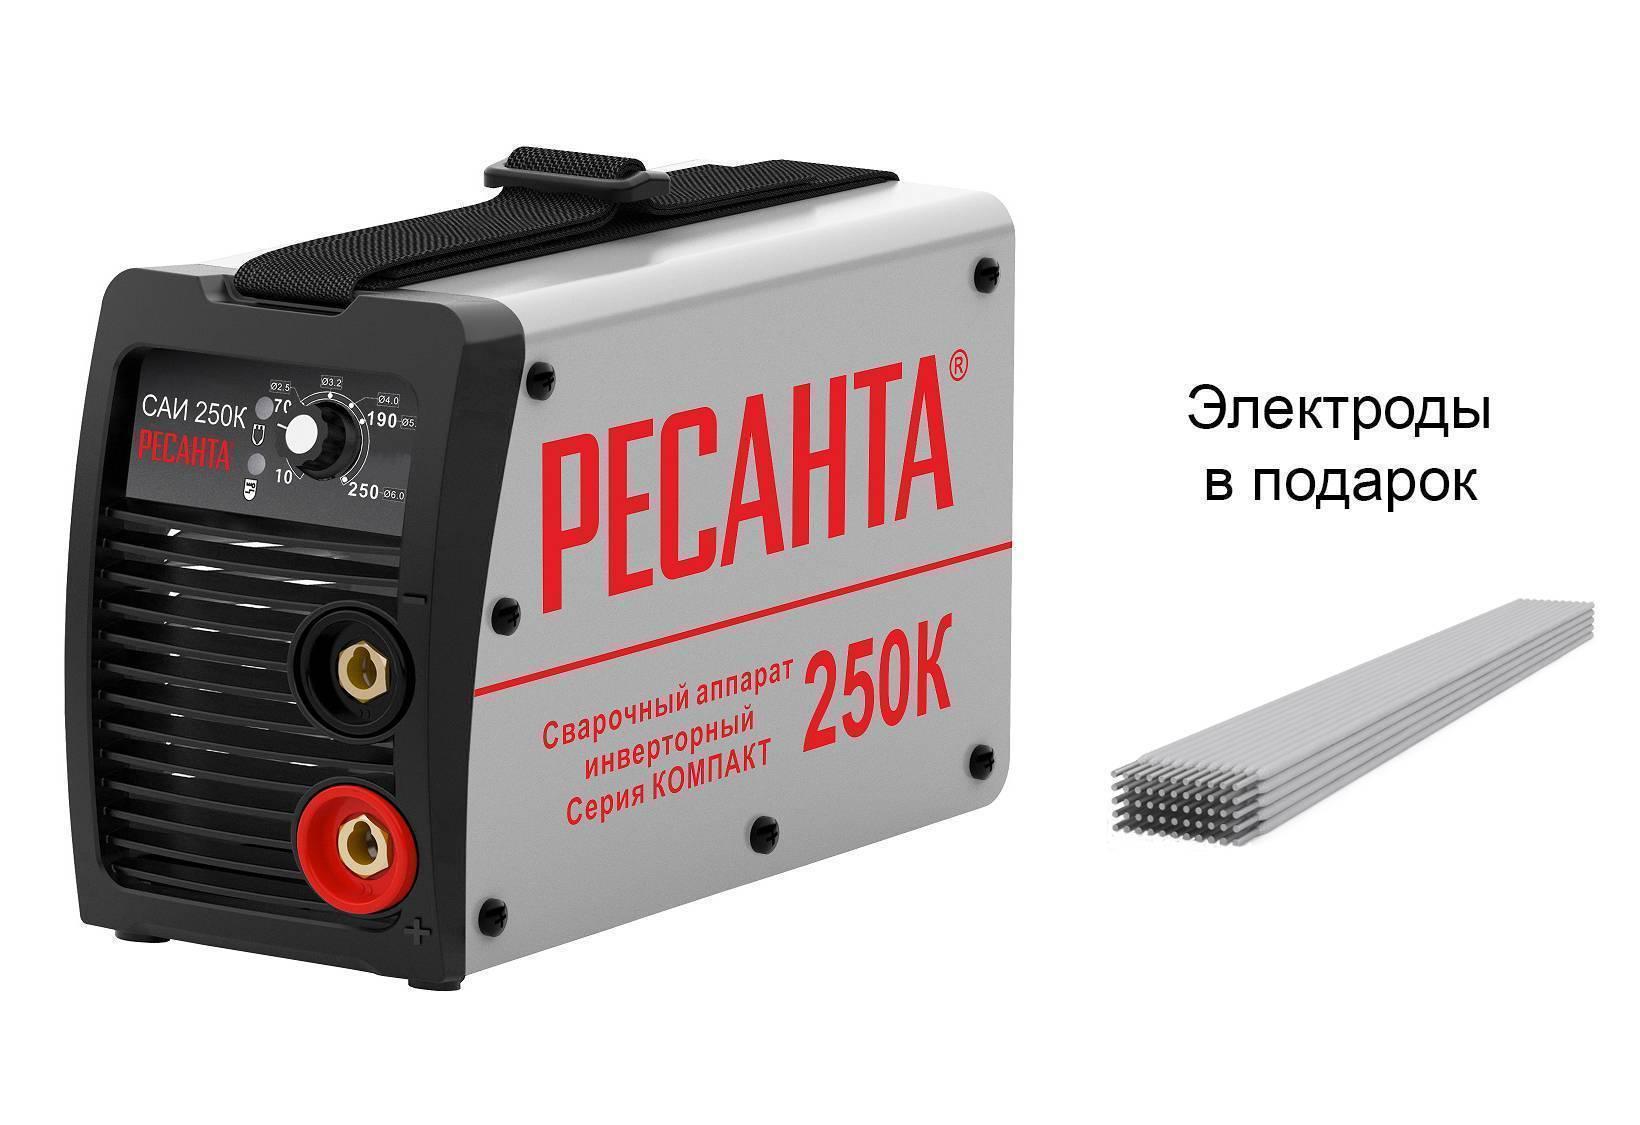 Ресанта саи 220 - предельная бытовая мощность